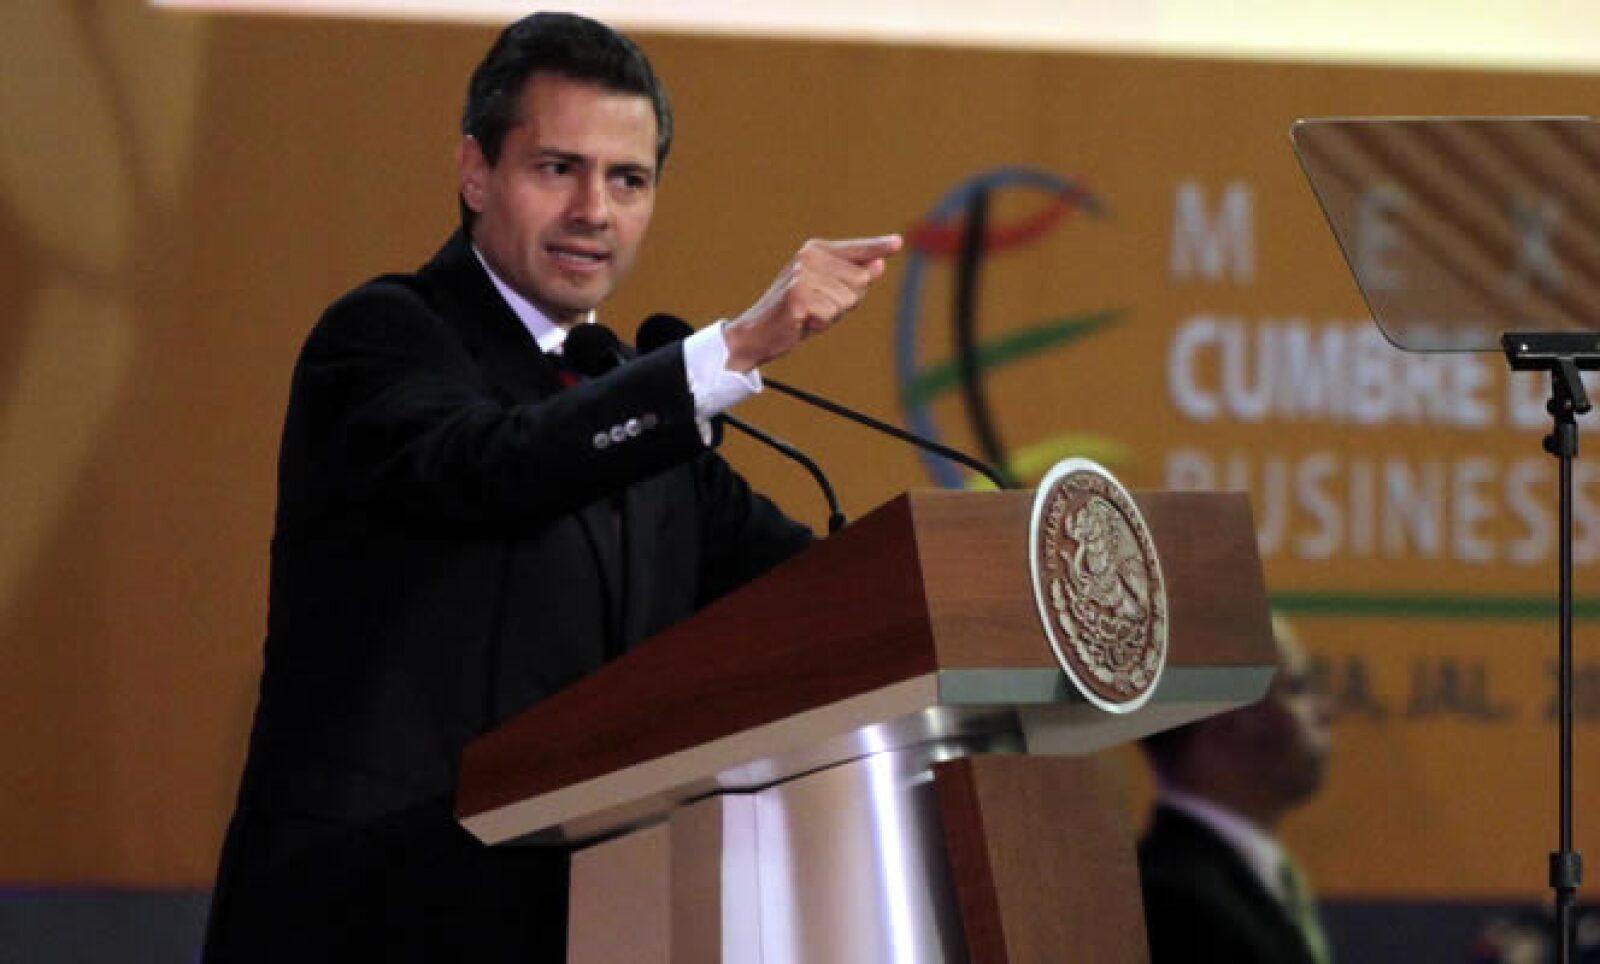 Peña Nieto admitió que las menores perspectivas del País se deben al aprendizaje de su Gobierno y a un entorno mundial débil.